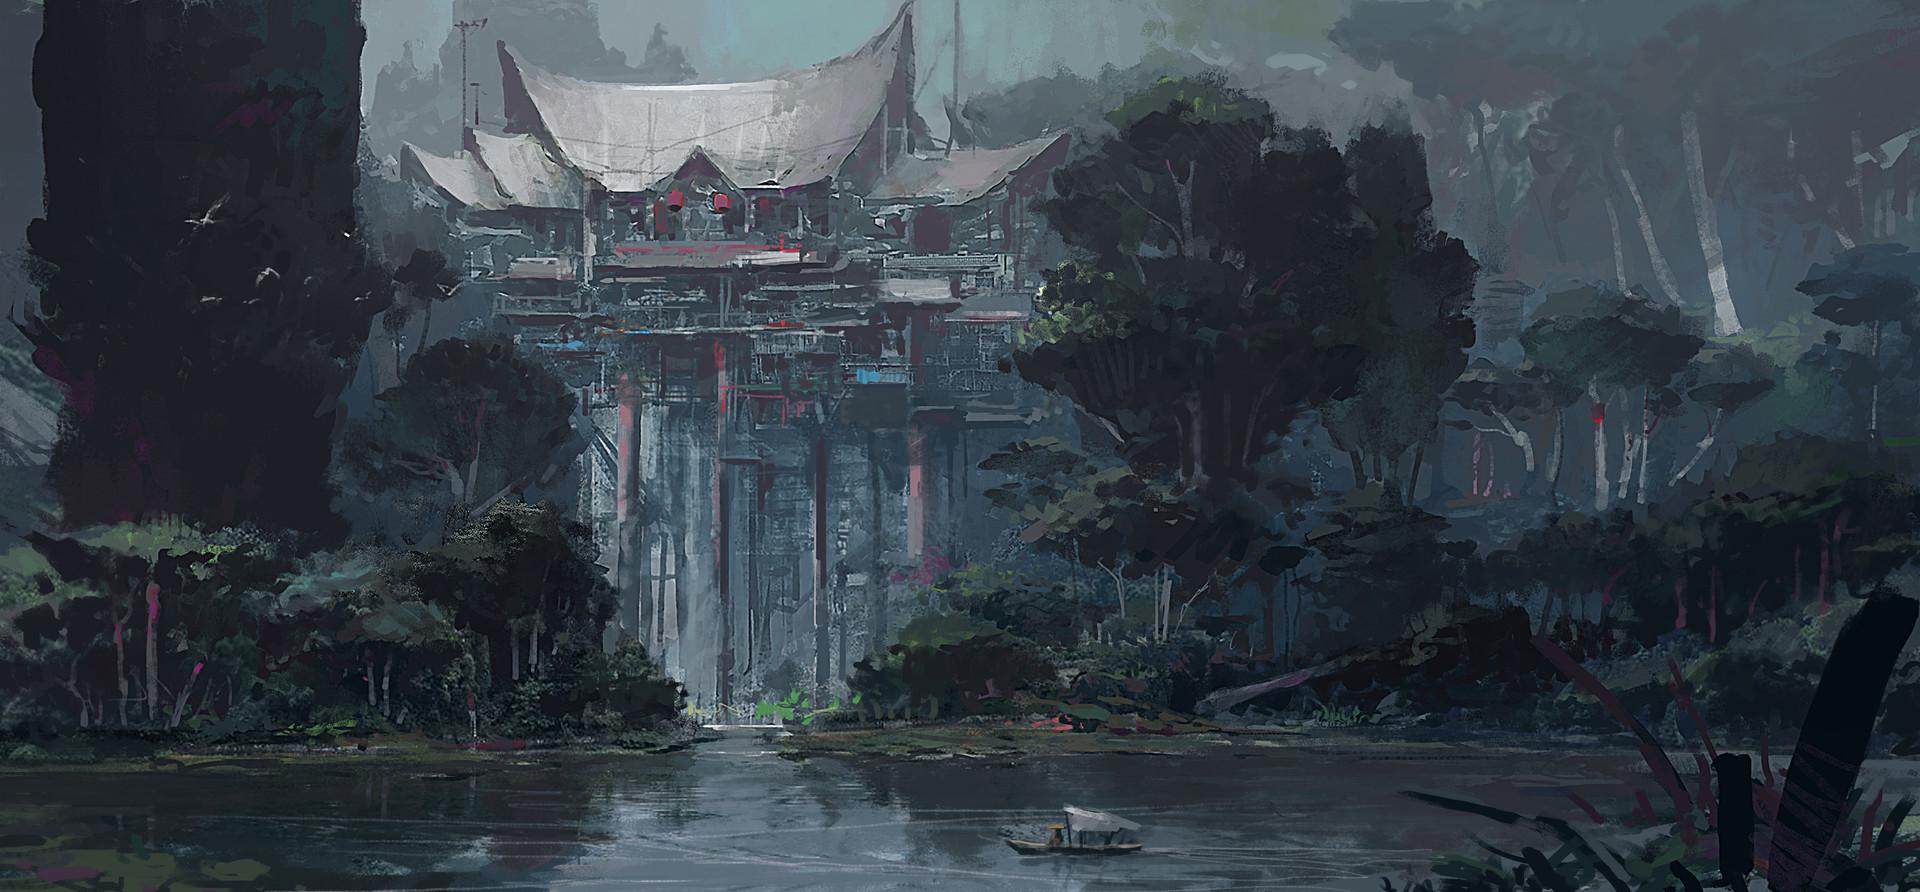 Su jian 180720